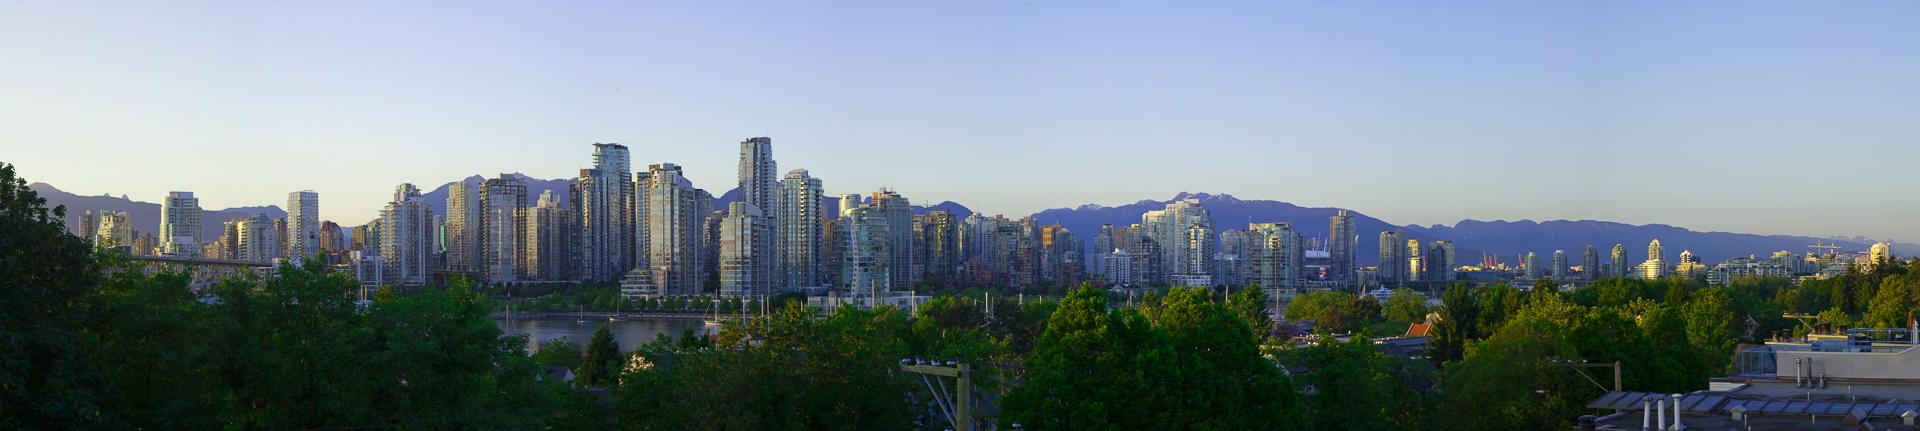 Vancouver_pano